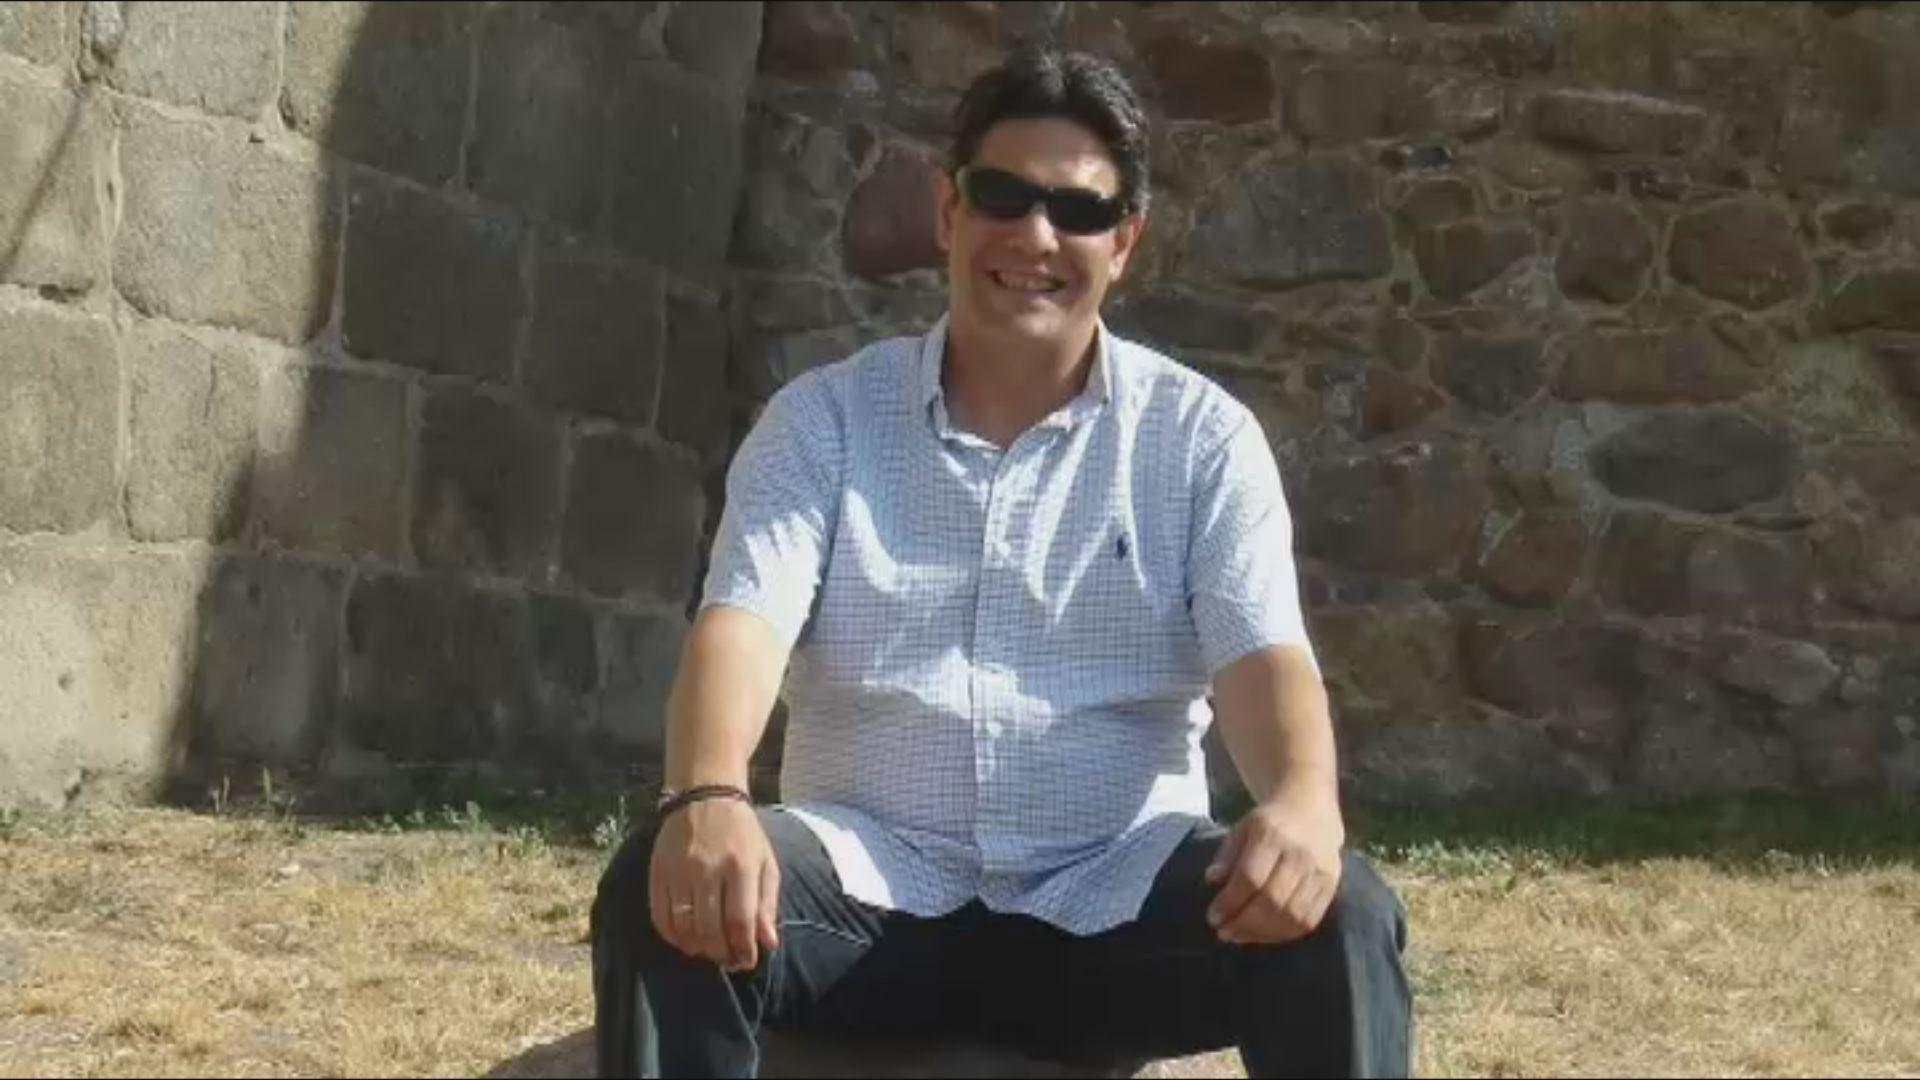 El hombre que mató a sus dos niñas en Castellón había sido denunciado por amenazas y lesiones.Vista del tren Alvia a su llegada a la estaciónn de Puente de los Fierros en las laderas del puerto de Pajares (Asturias)